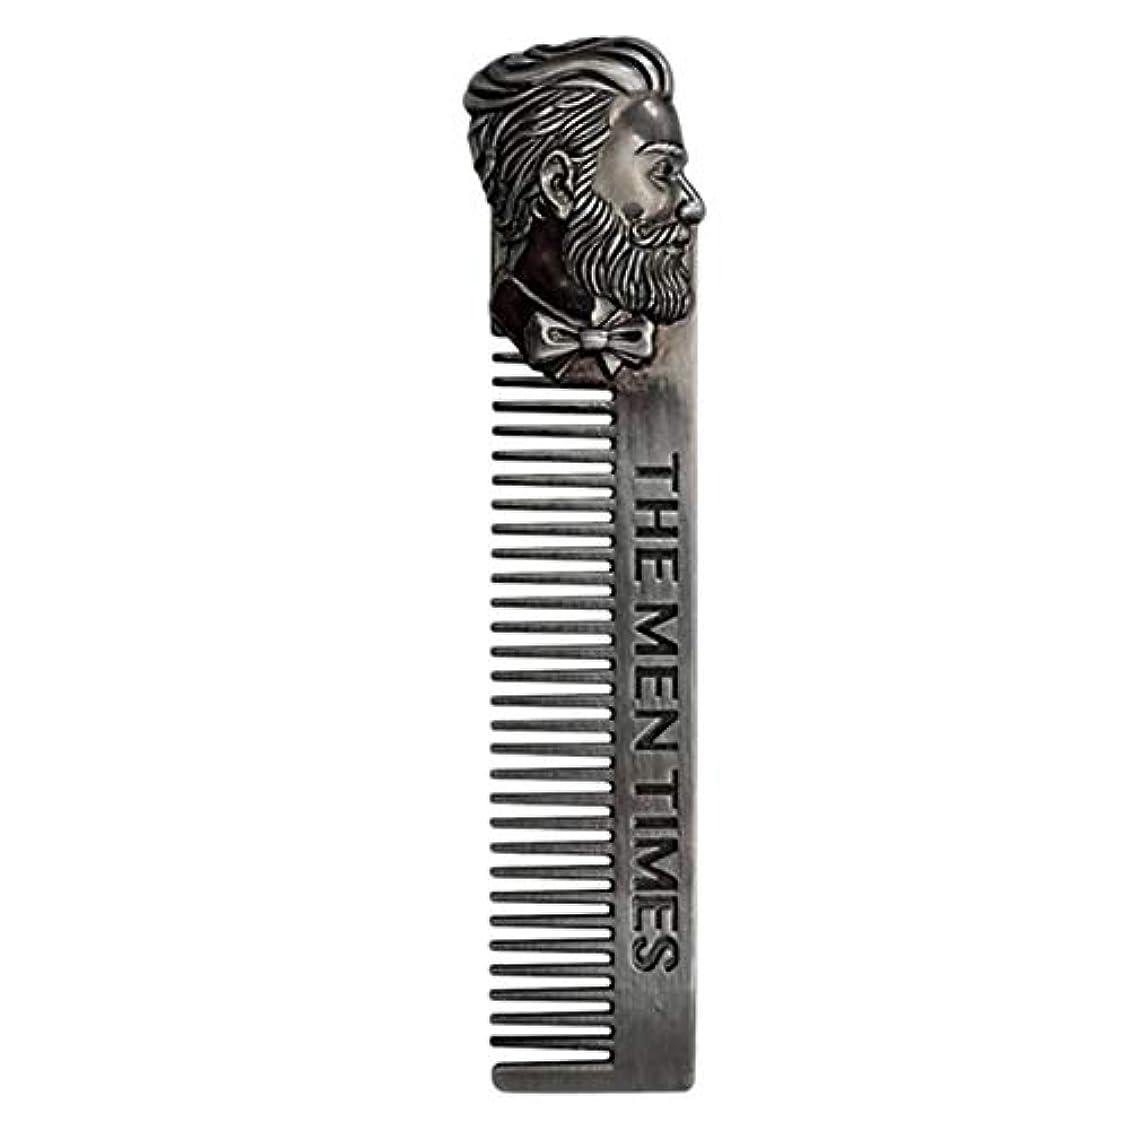 不安定な欠如くるみSODIAL 1ピース シルバービアード 髭 メタルビアードコーム メンズヘアビアードトリムツール